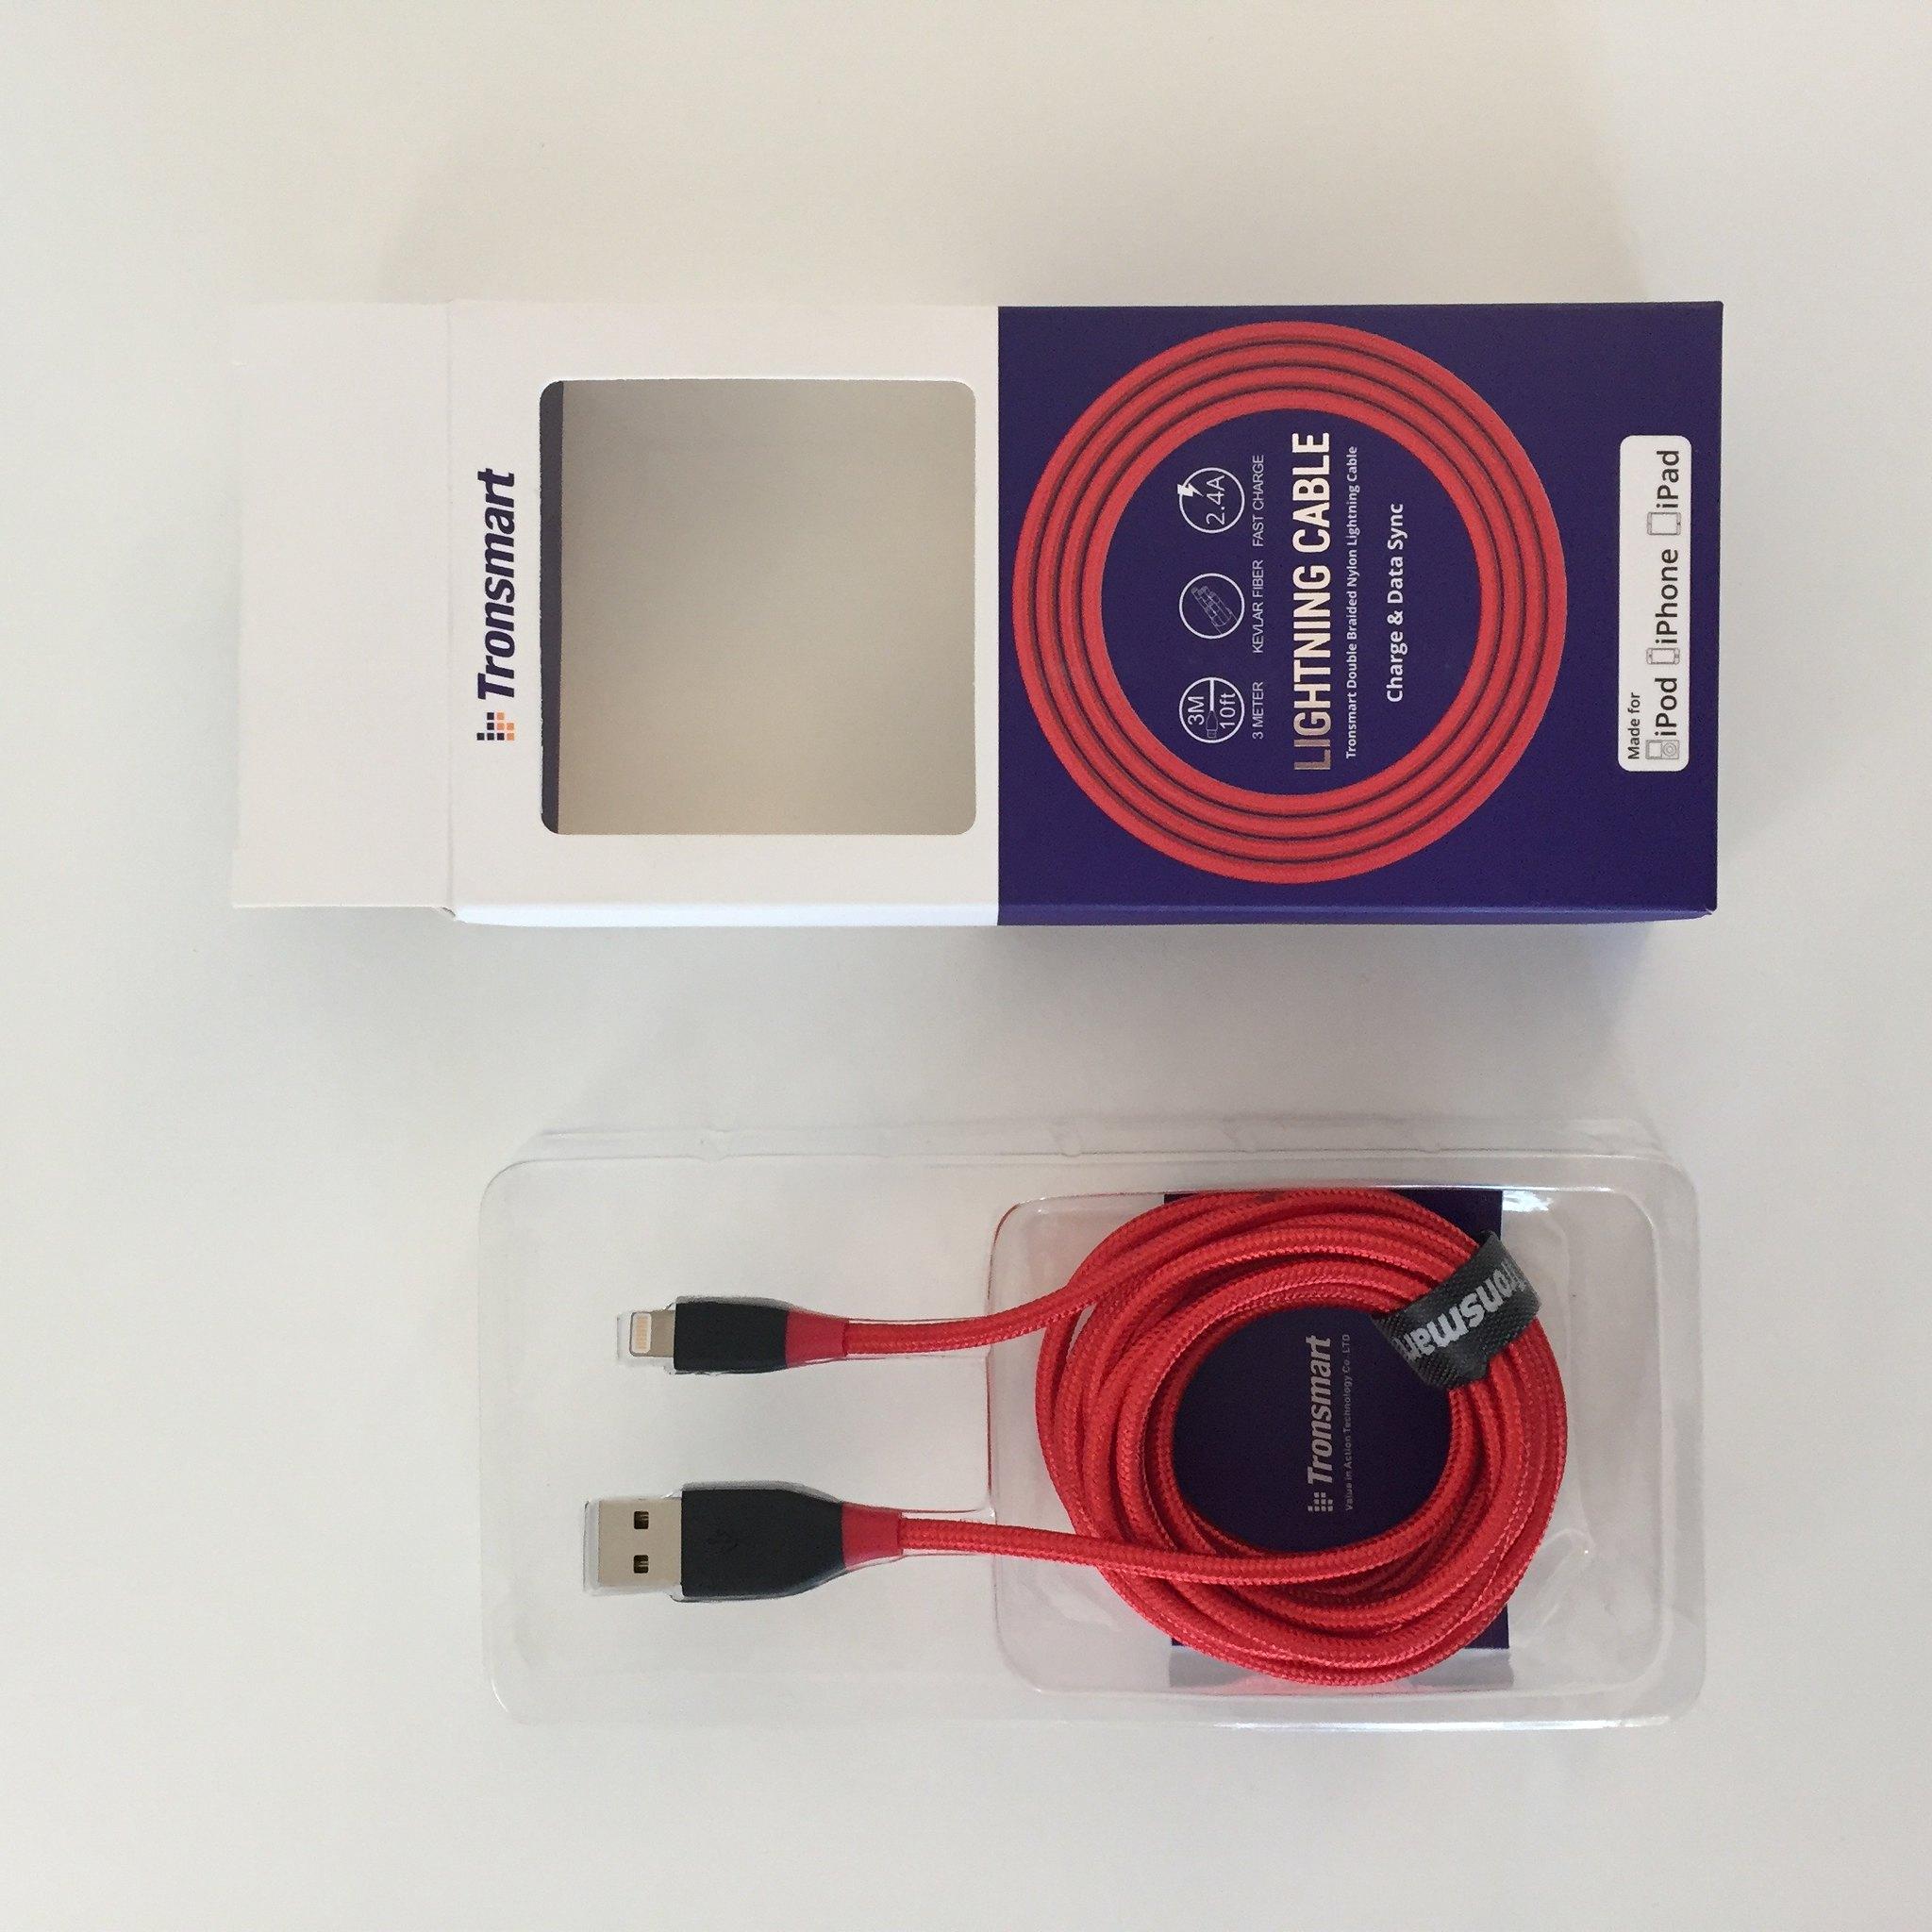 20170319 Test cable tronsmart 3 mètres 5